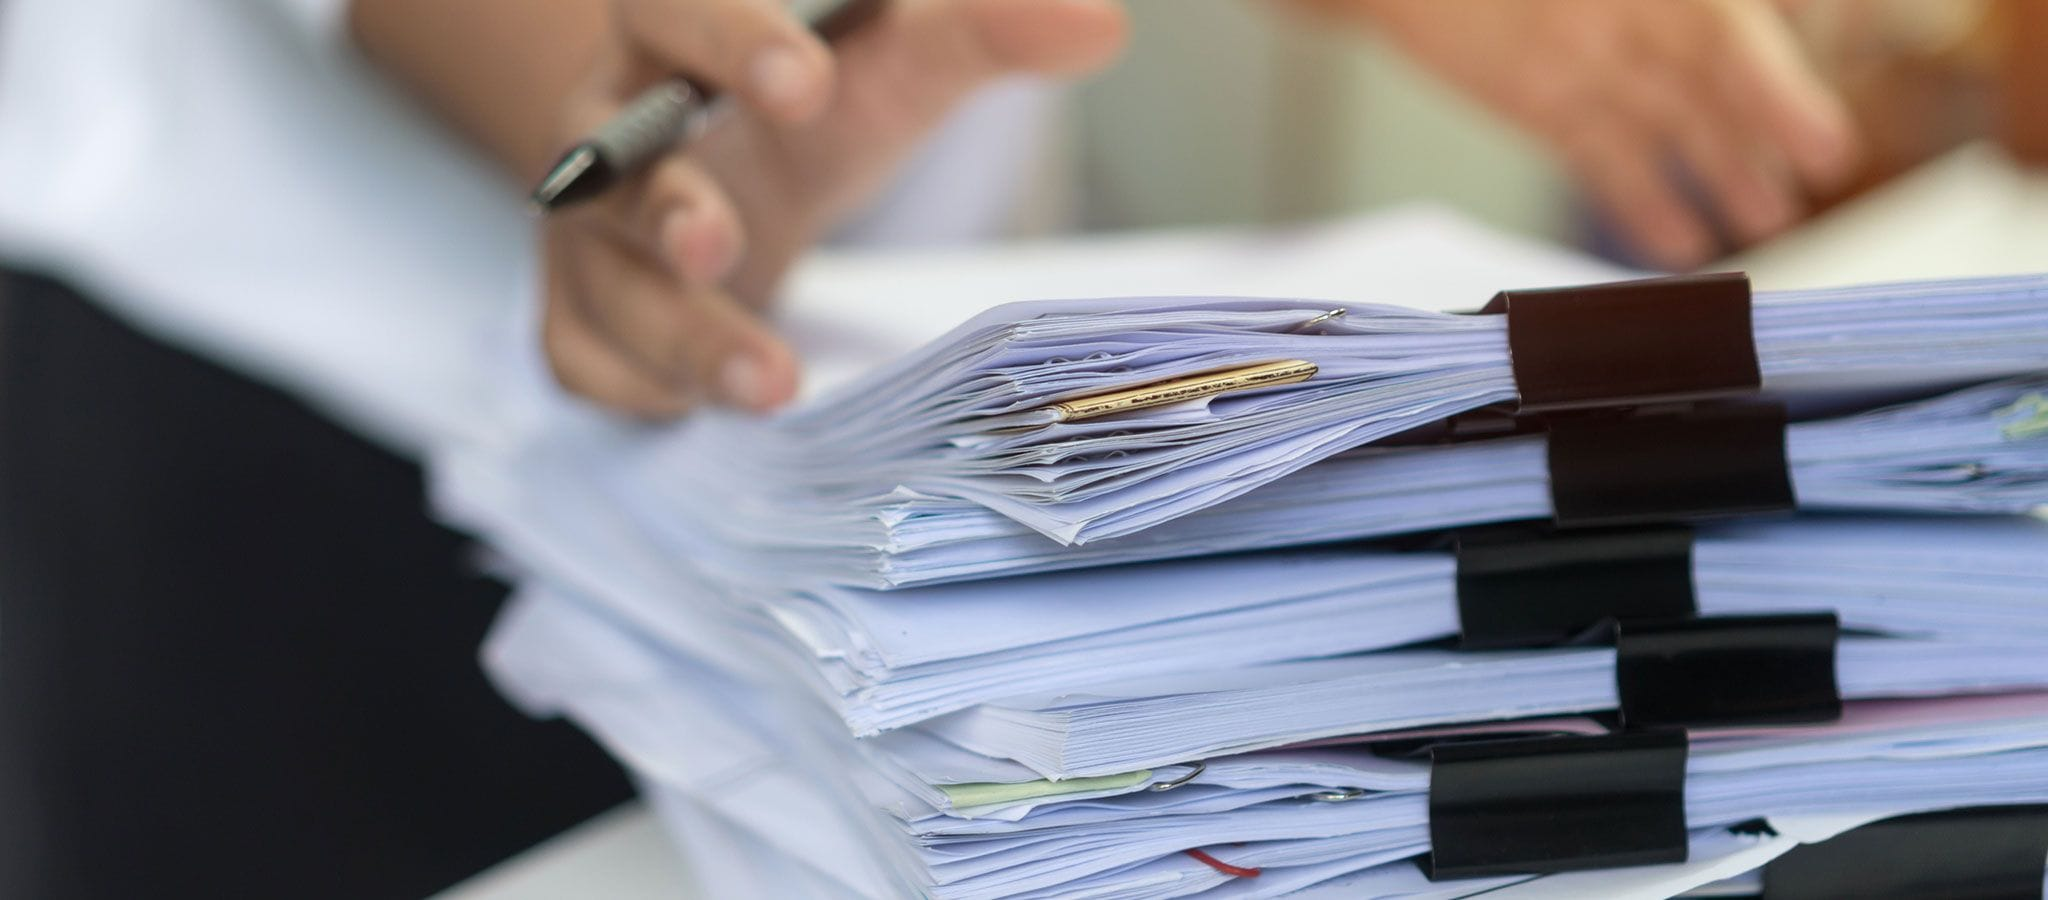 教員600人調査、約2割が「退職・転職」希望の過酷